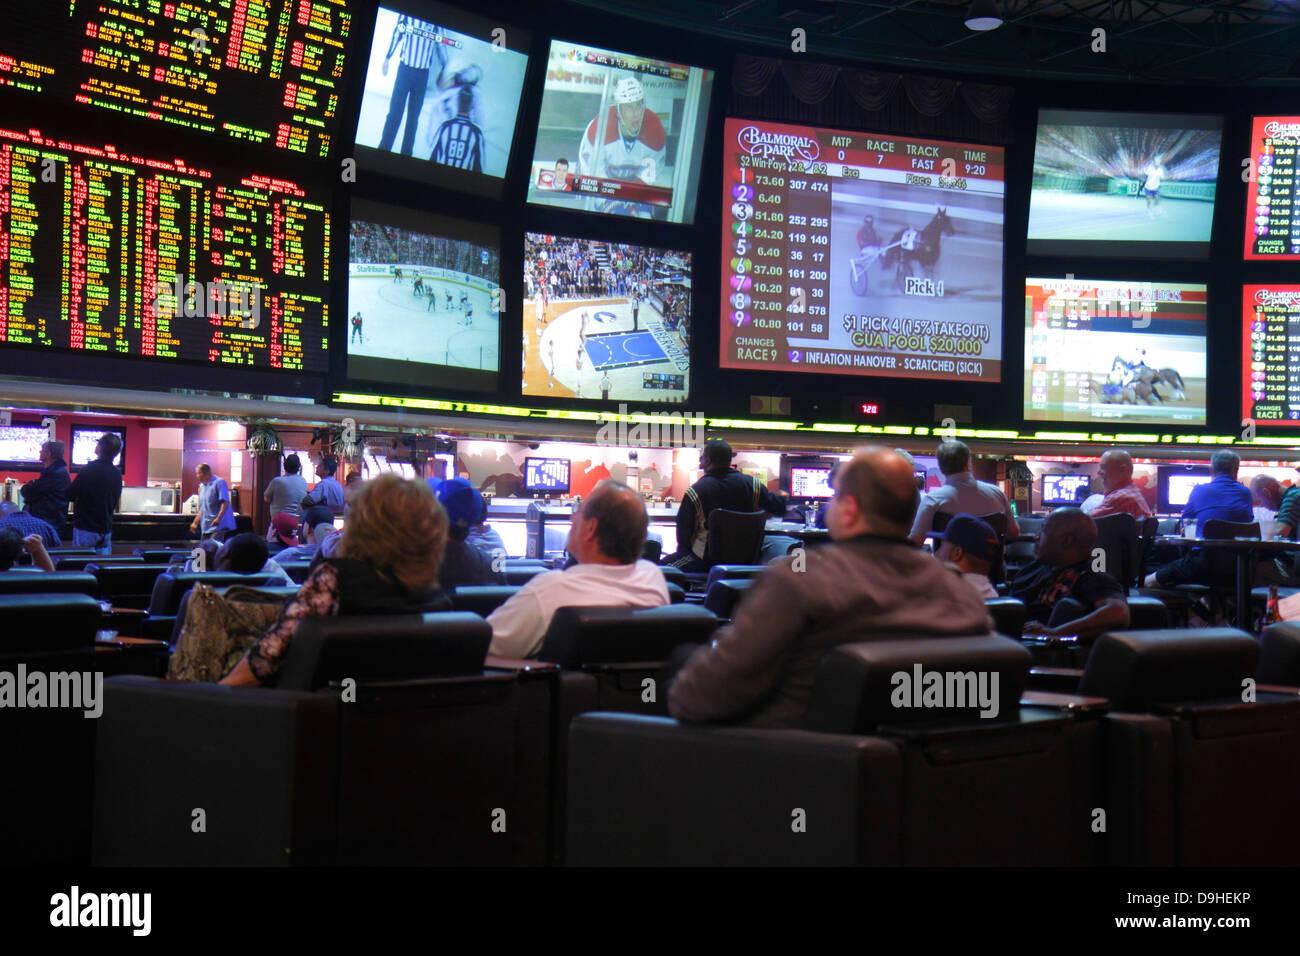 Nevada Las Vegas Las Vegas Hotel & Casino HVG sports course joueurs parier sur grands écrans Moniteurs Photo Stock